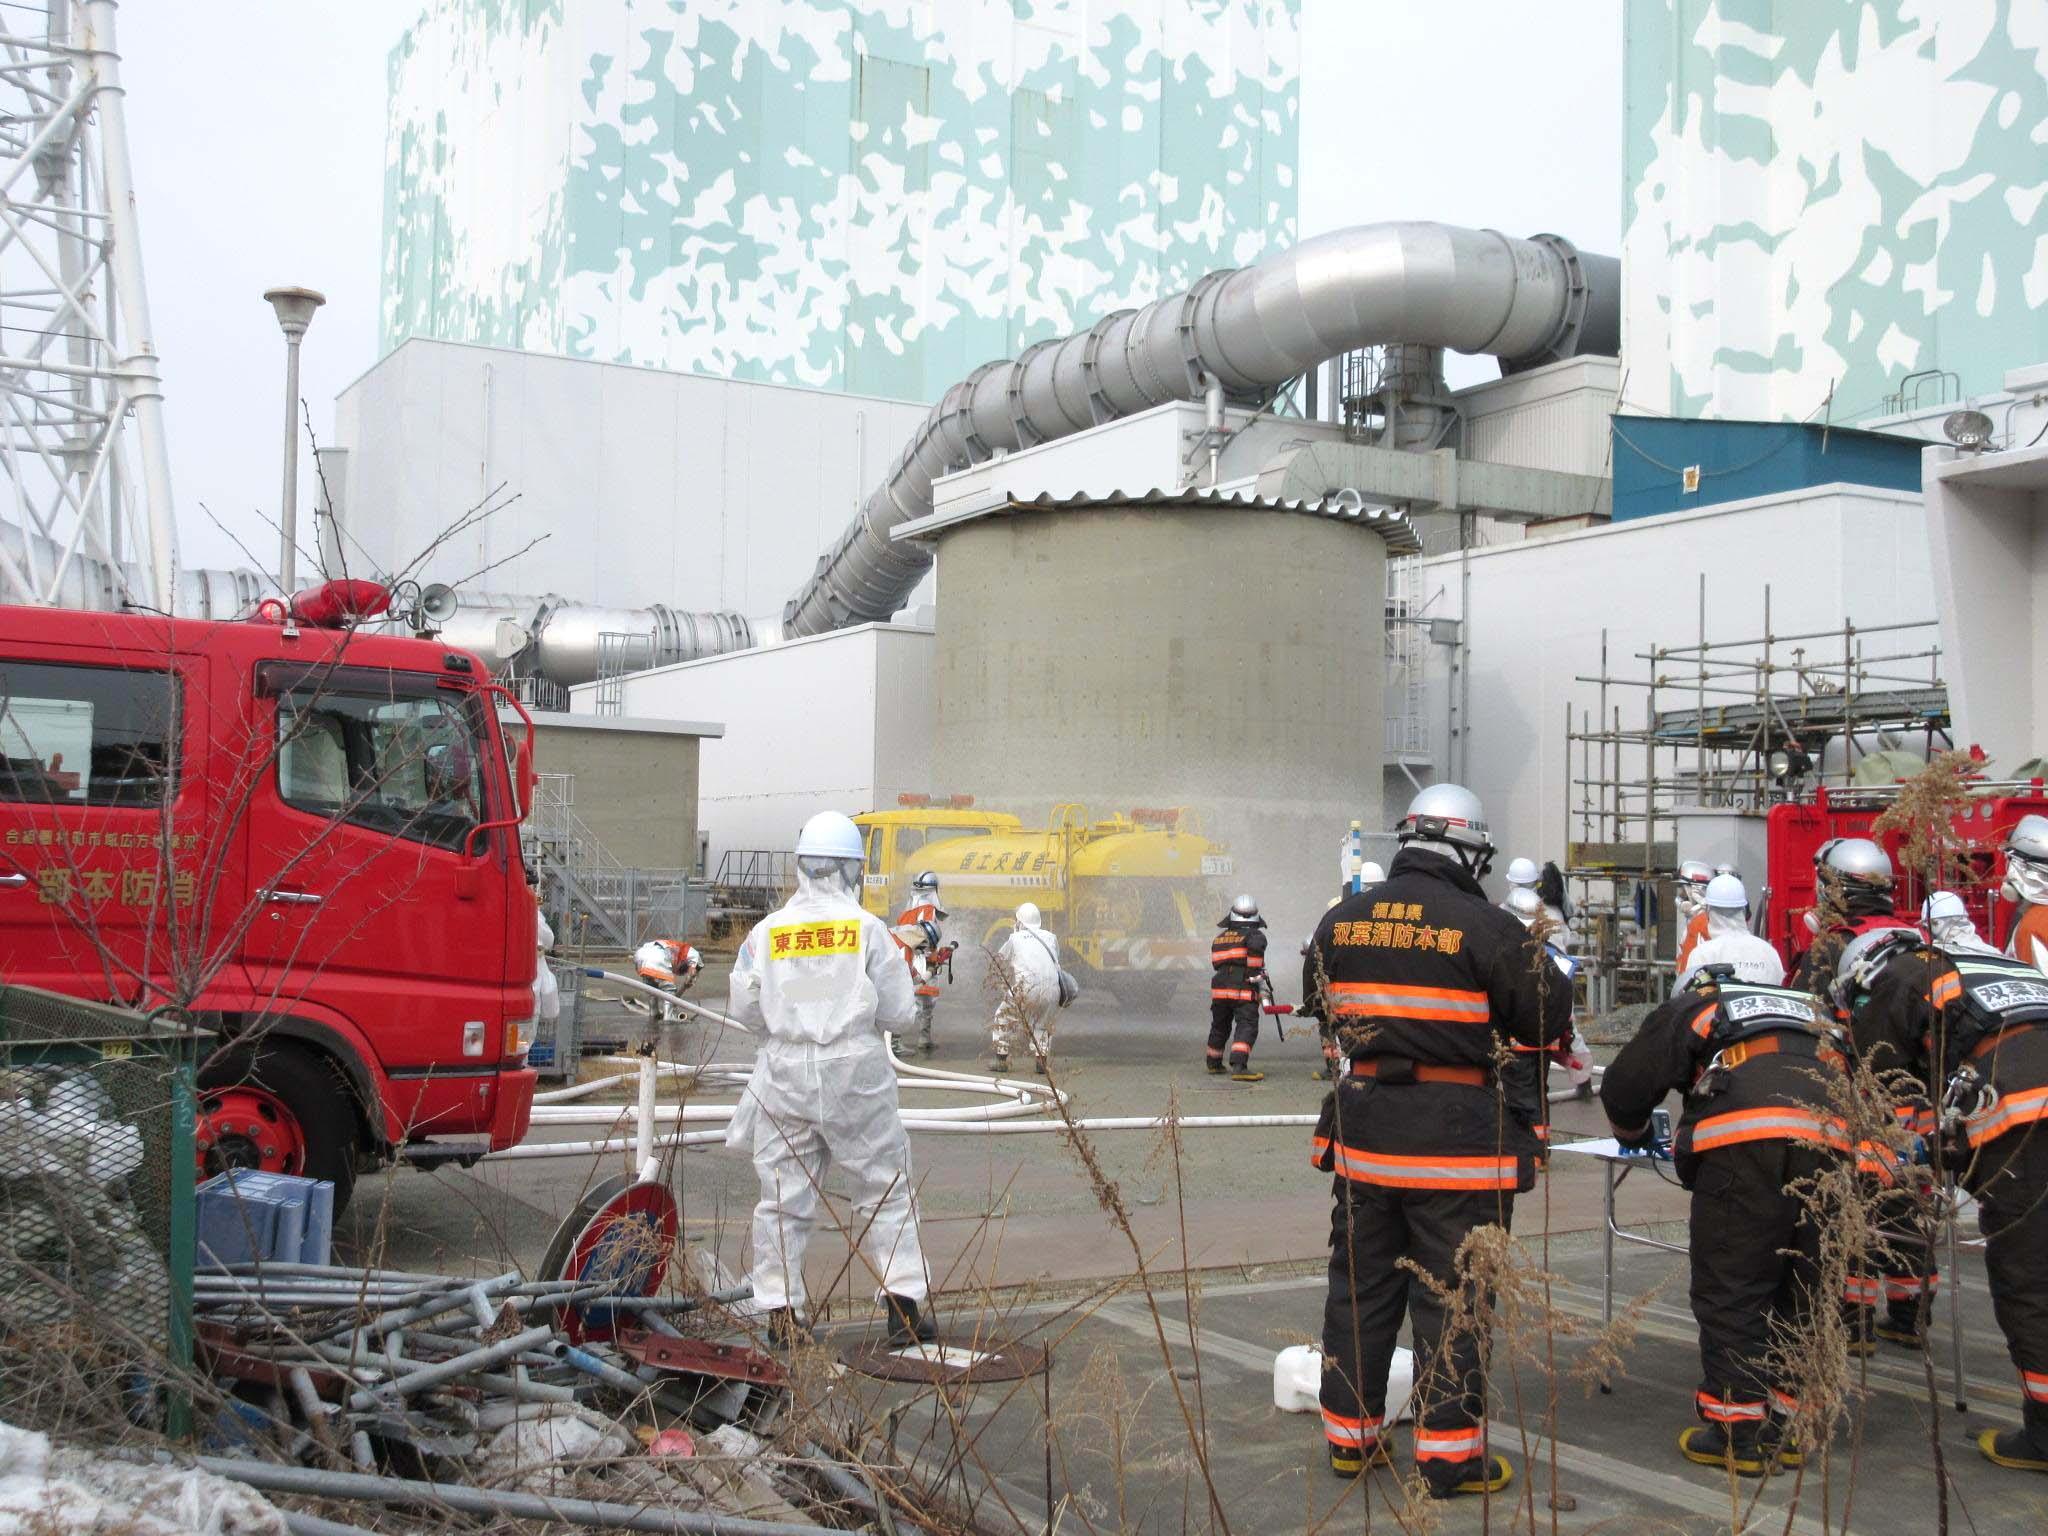 福島第一原発での原子力防災訓練(東京電力提供)